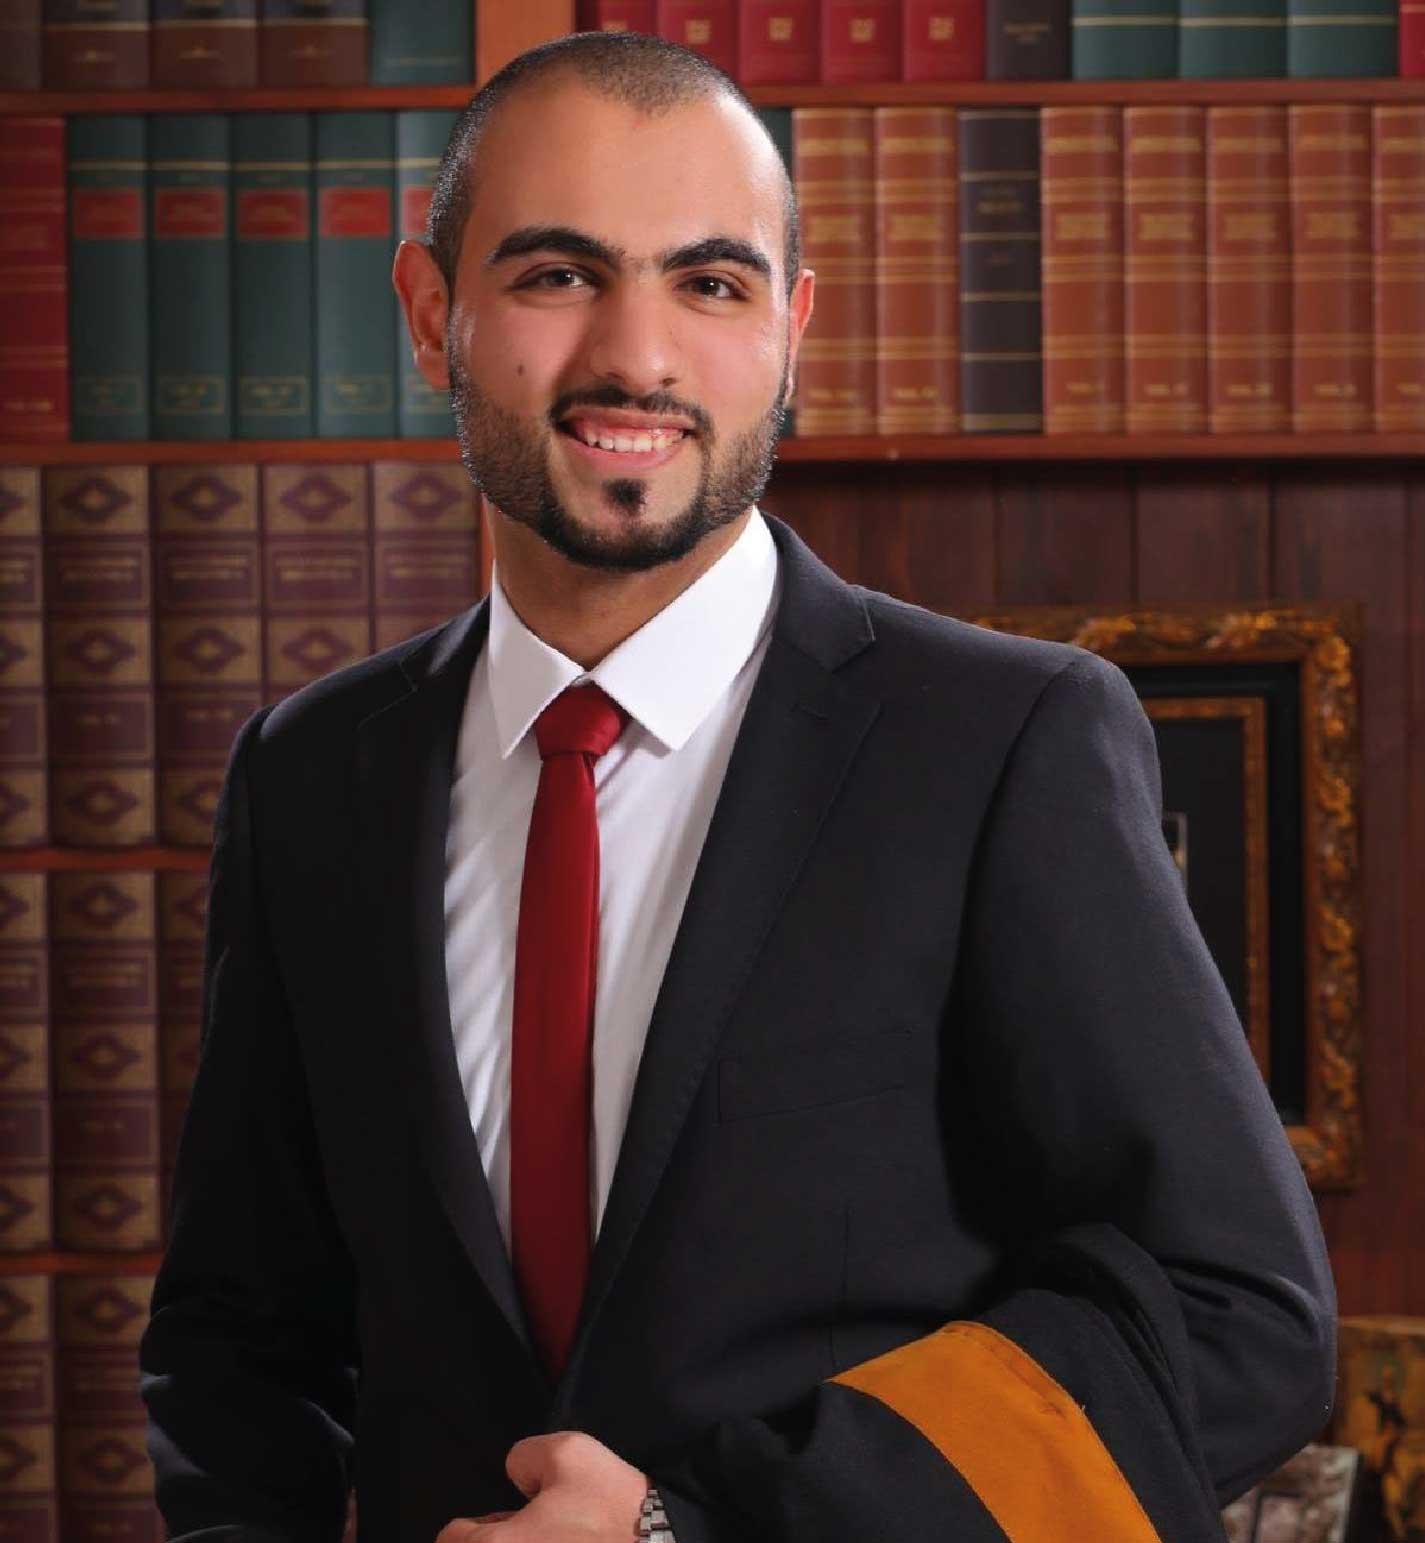 Eng. Ahmad Ateyat